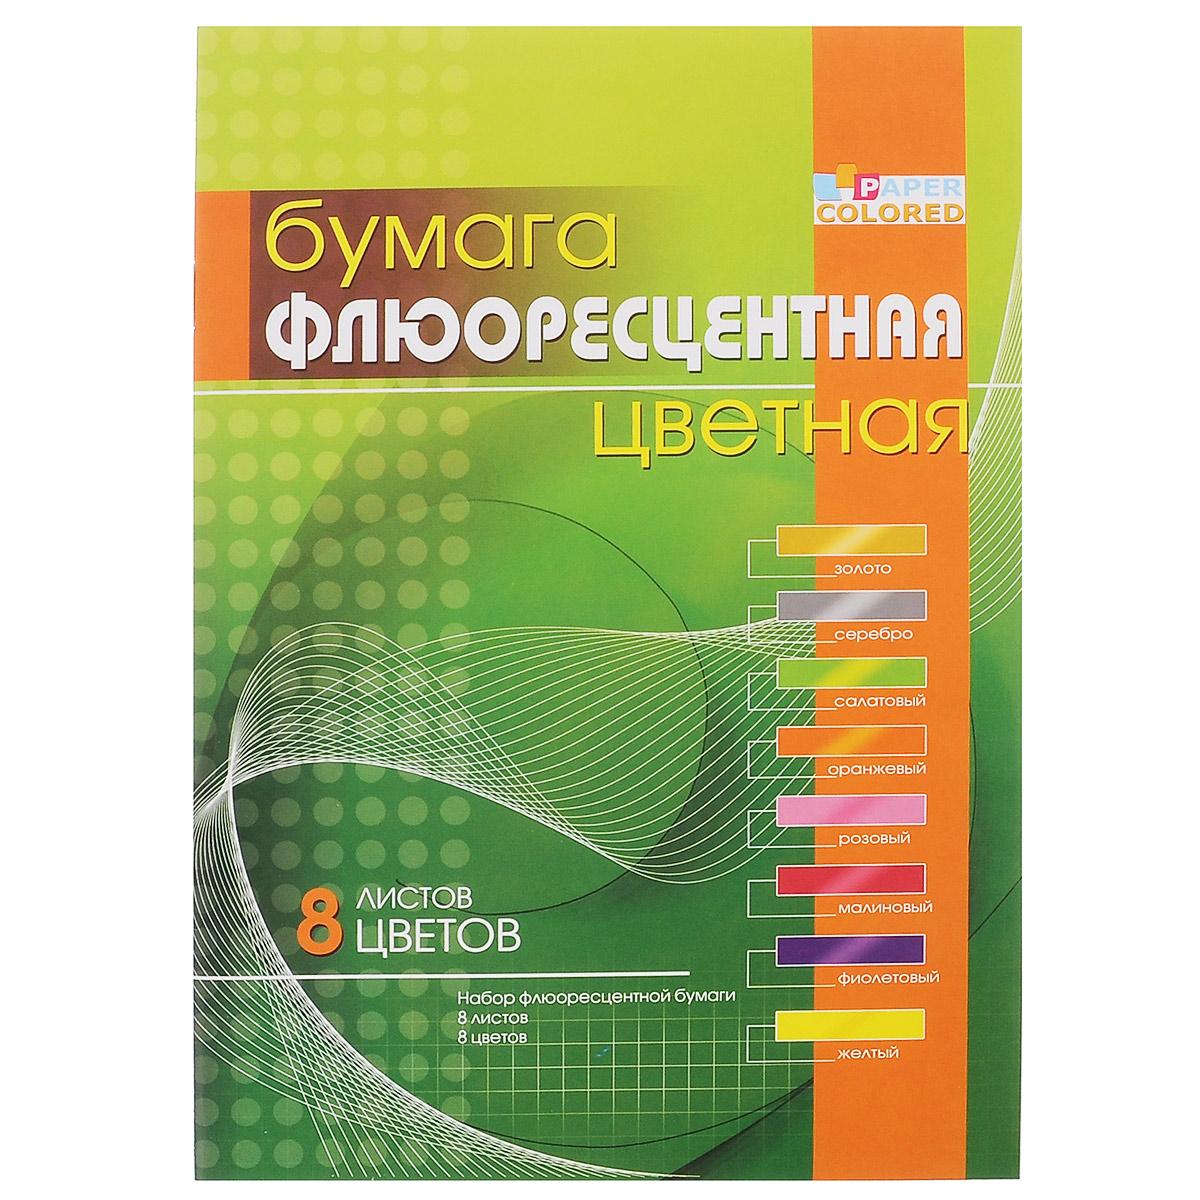 Цветная бумага Бриз, флюоресцентная, 8 цветов. 1124-205 sadipal бумаги флюоресцентная 5 цветов 5 листов 15429